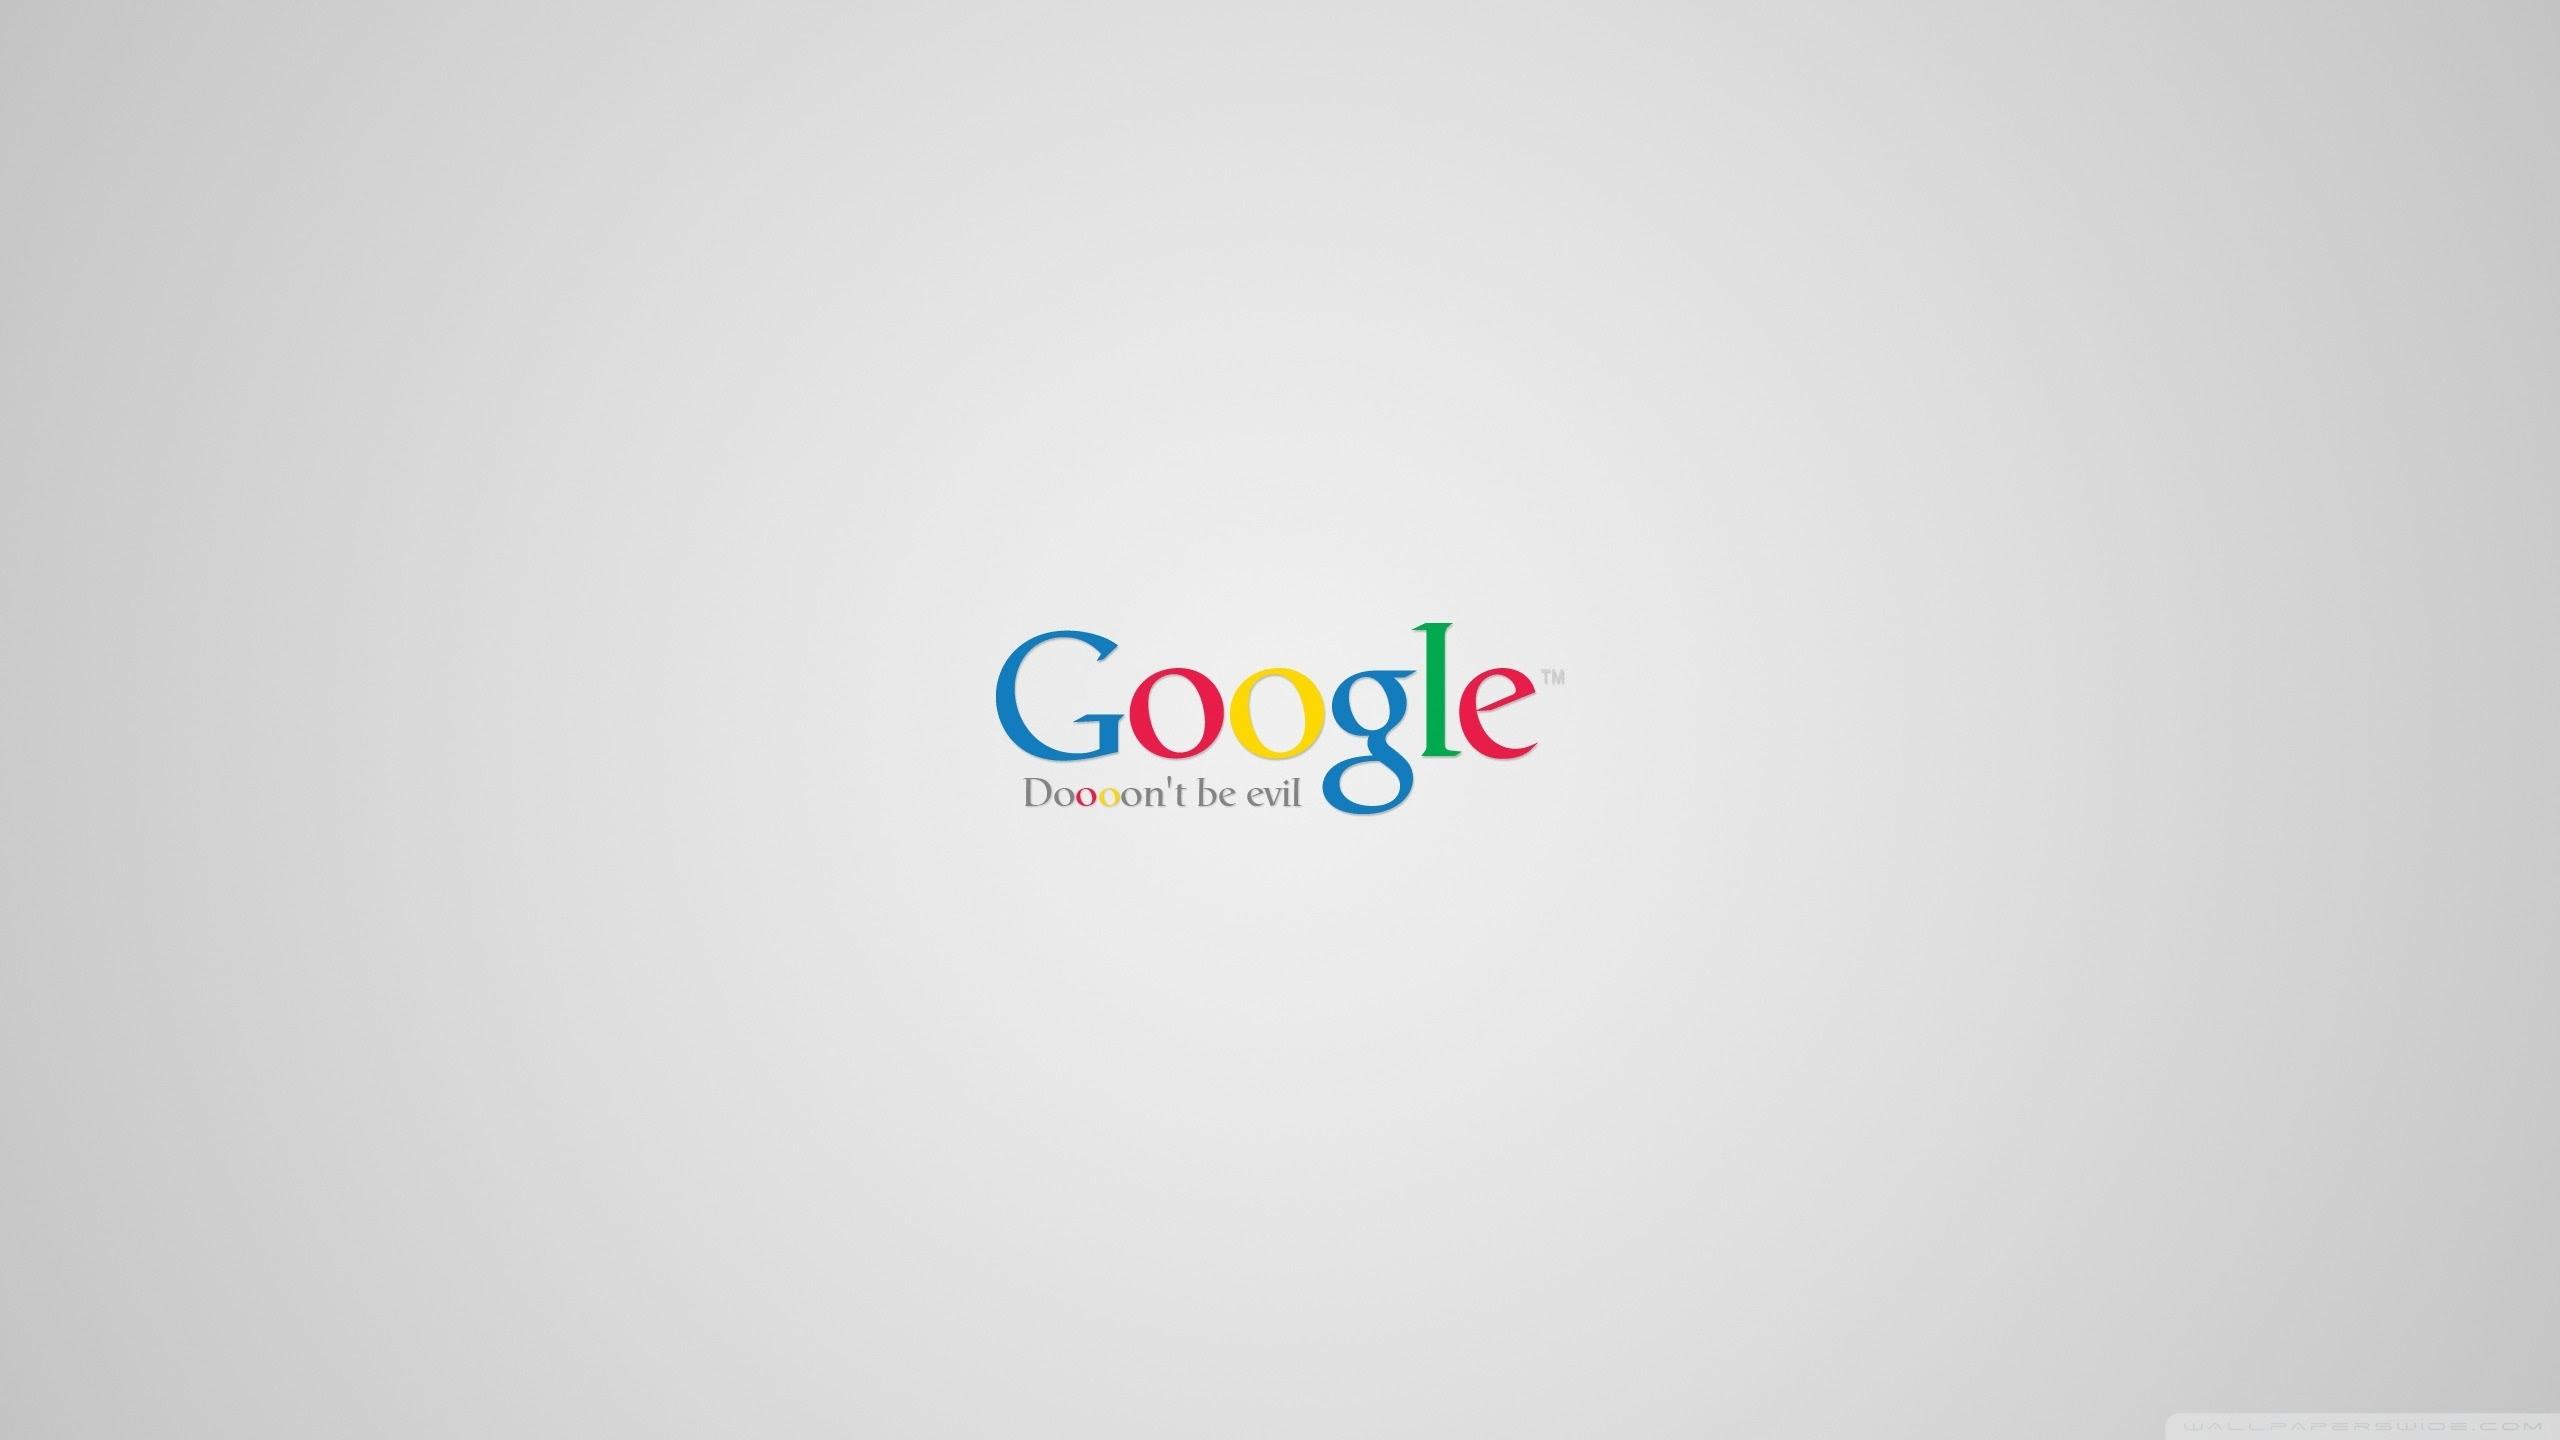 50歳以上 Google 壁紙 ダウンロード 無料の Hd の壁紙の数千人